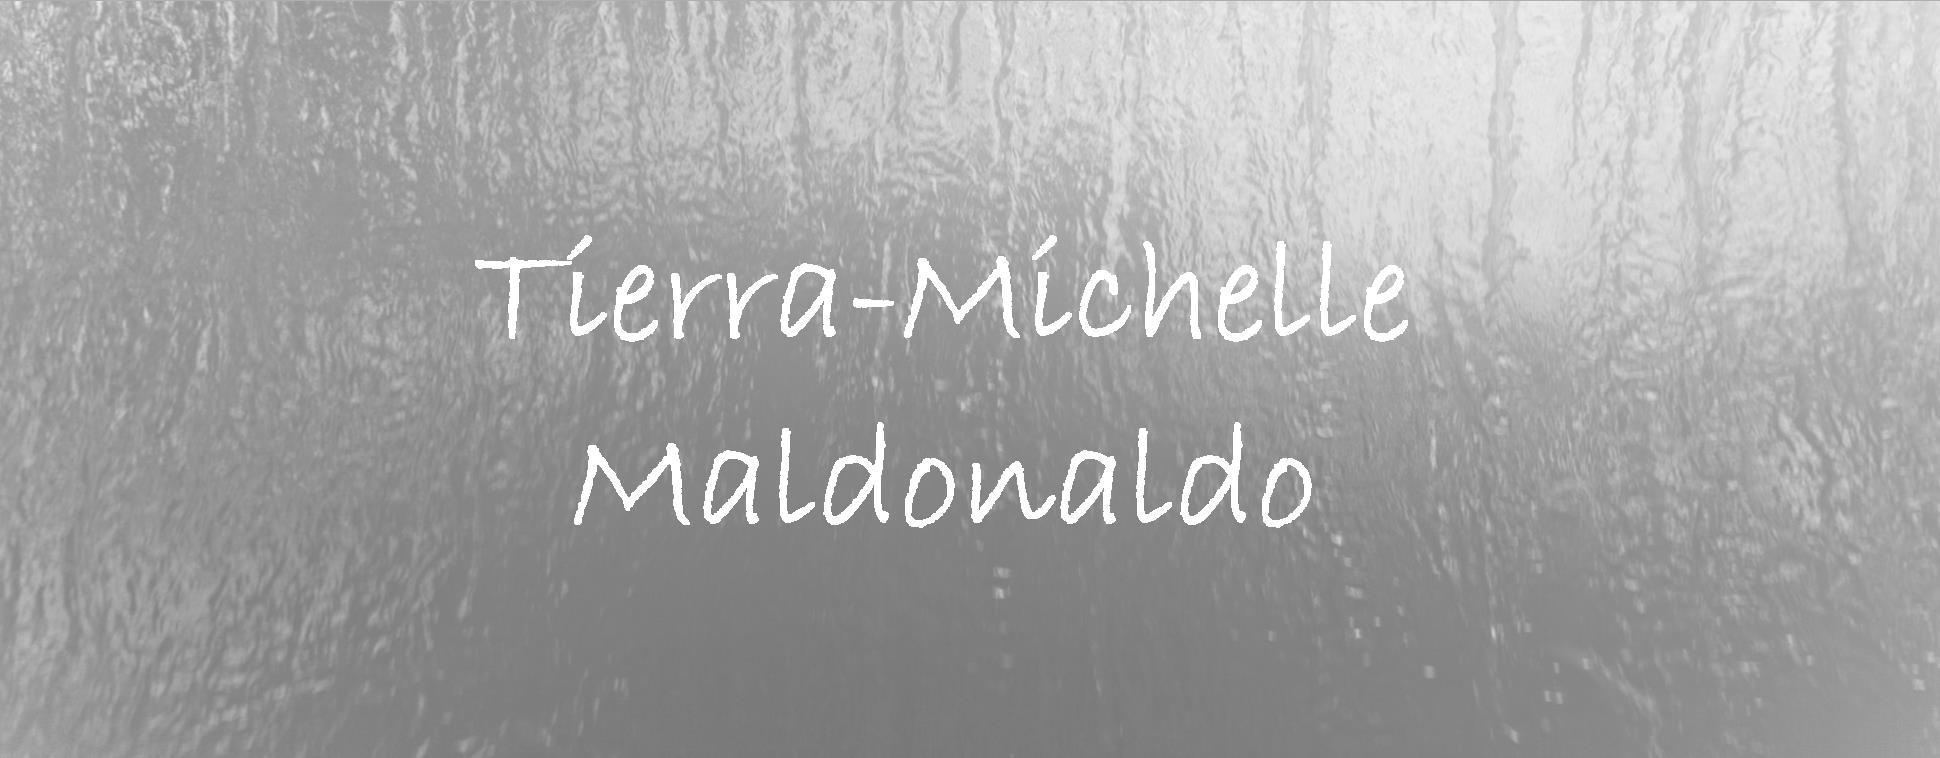 Tierra Michelle Maldonaldo.jpg